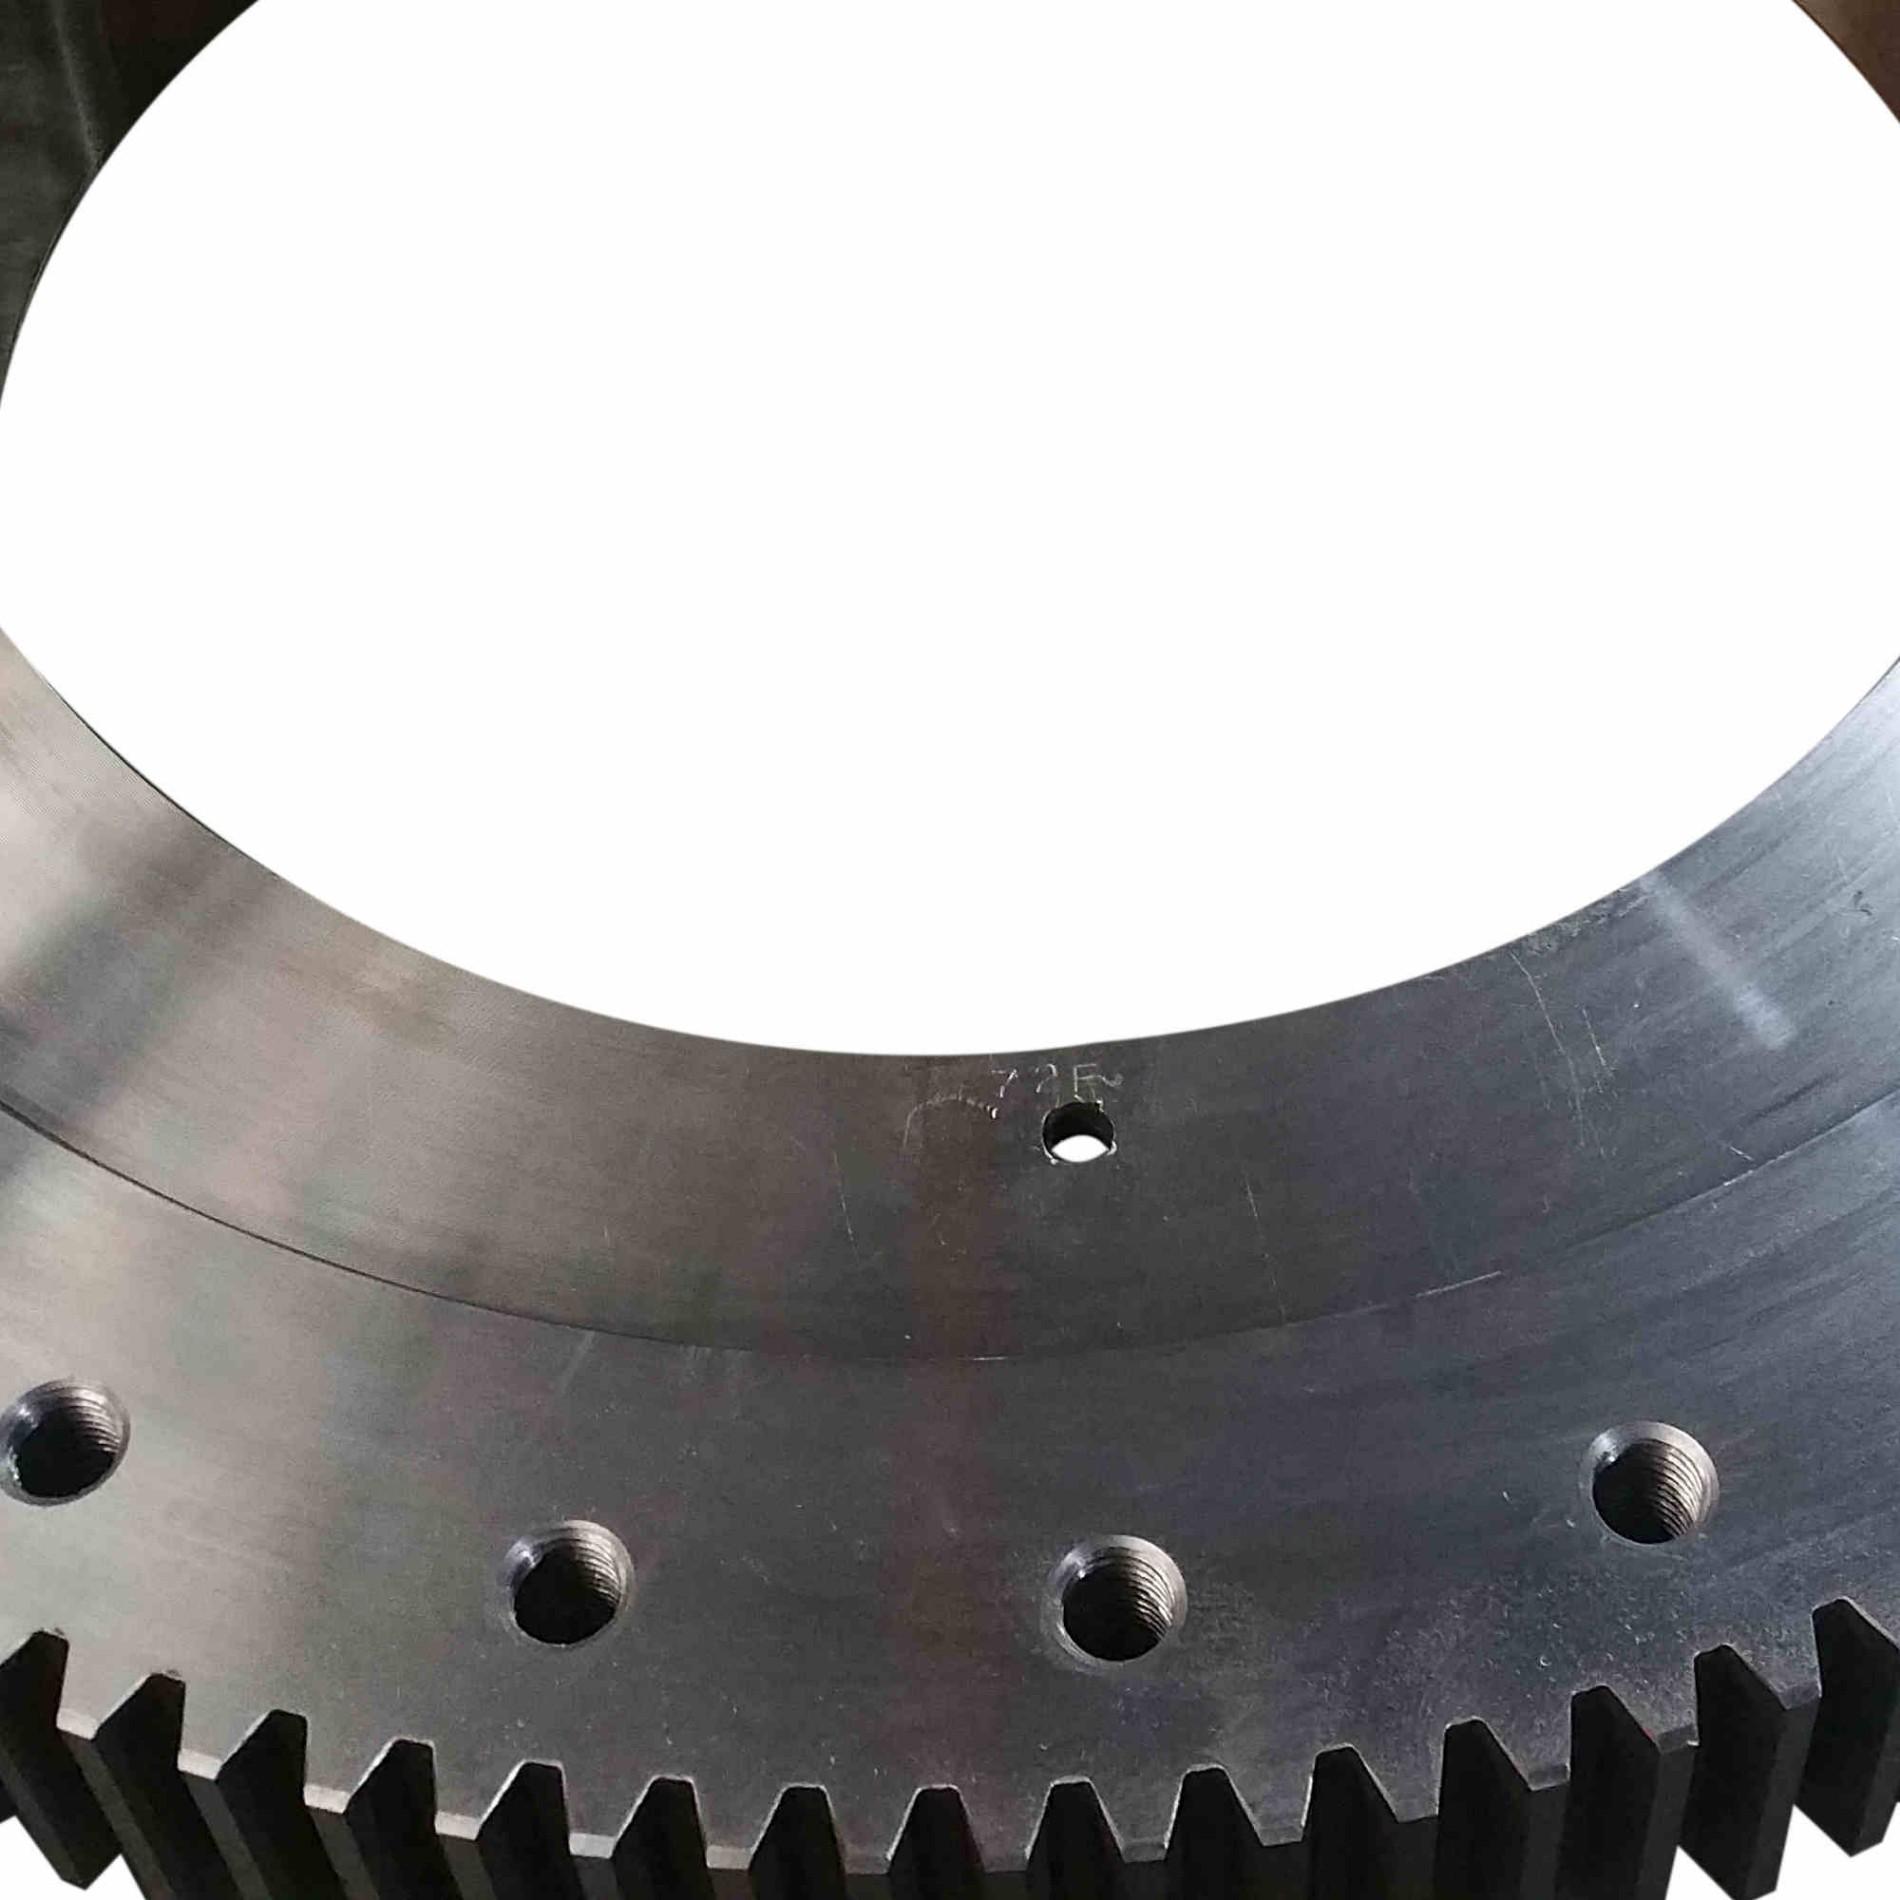 Acquista Produttori di cuscinetti ad anello rotante per giradischi di grandi dimensioni,Produttori di cuscinetti ad anello rotante per giradischi di grandi dimensioni prezzi,Produttori di cuscinetti ad anello rotante per giradischi di grandi dimensioni marche,Produttori di cuscinetti ad anello rotante per giradischi di grandi dimensioni Produttori,Produttori di cuscinetti ad anello rotante per giradischi di grandi dimensioni Citazioni,Produttori di cuscinetti ad anello rotante per giradischi di grandi dimensioni  l'azienda,